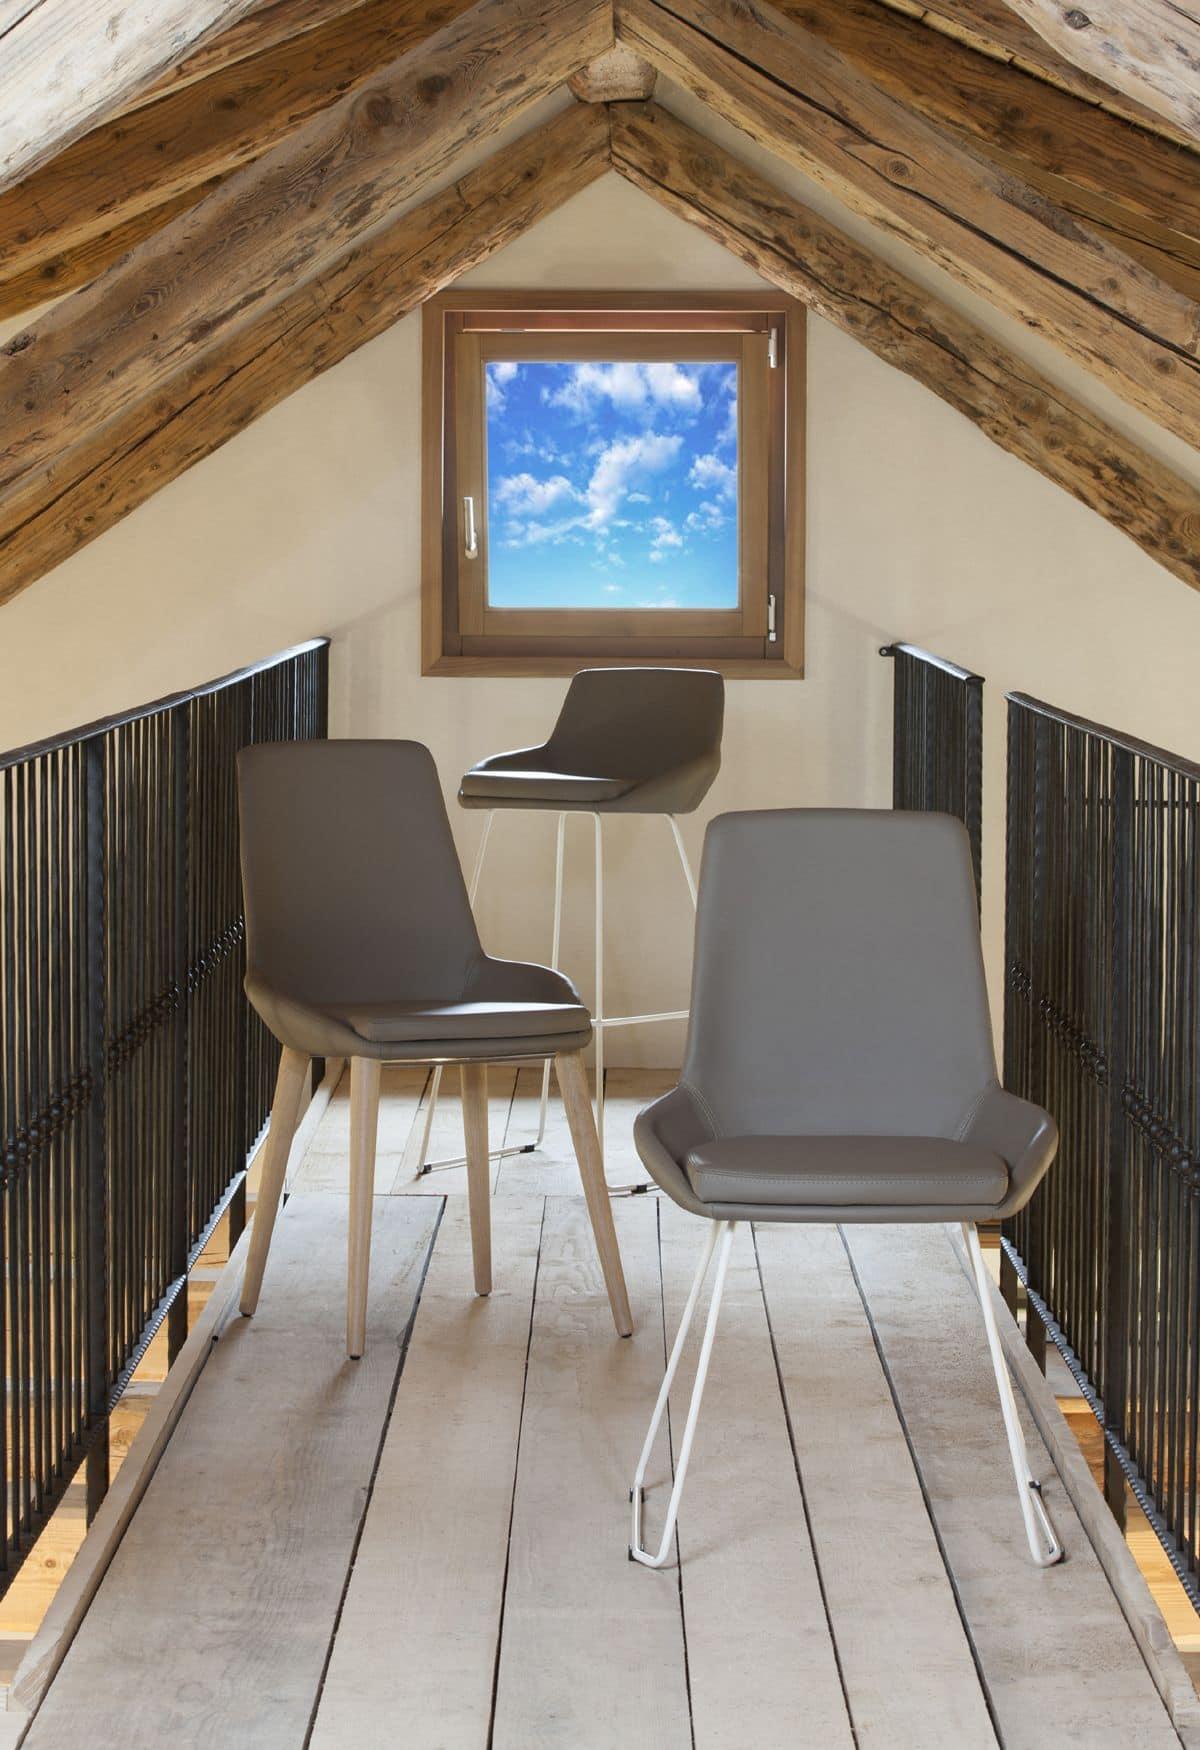 Stuhl Mit Sitz Und Ruckenlehne Mit Leder Bezogen Modernes Design